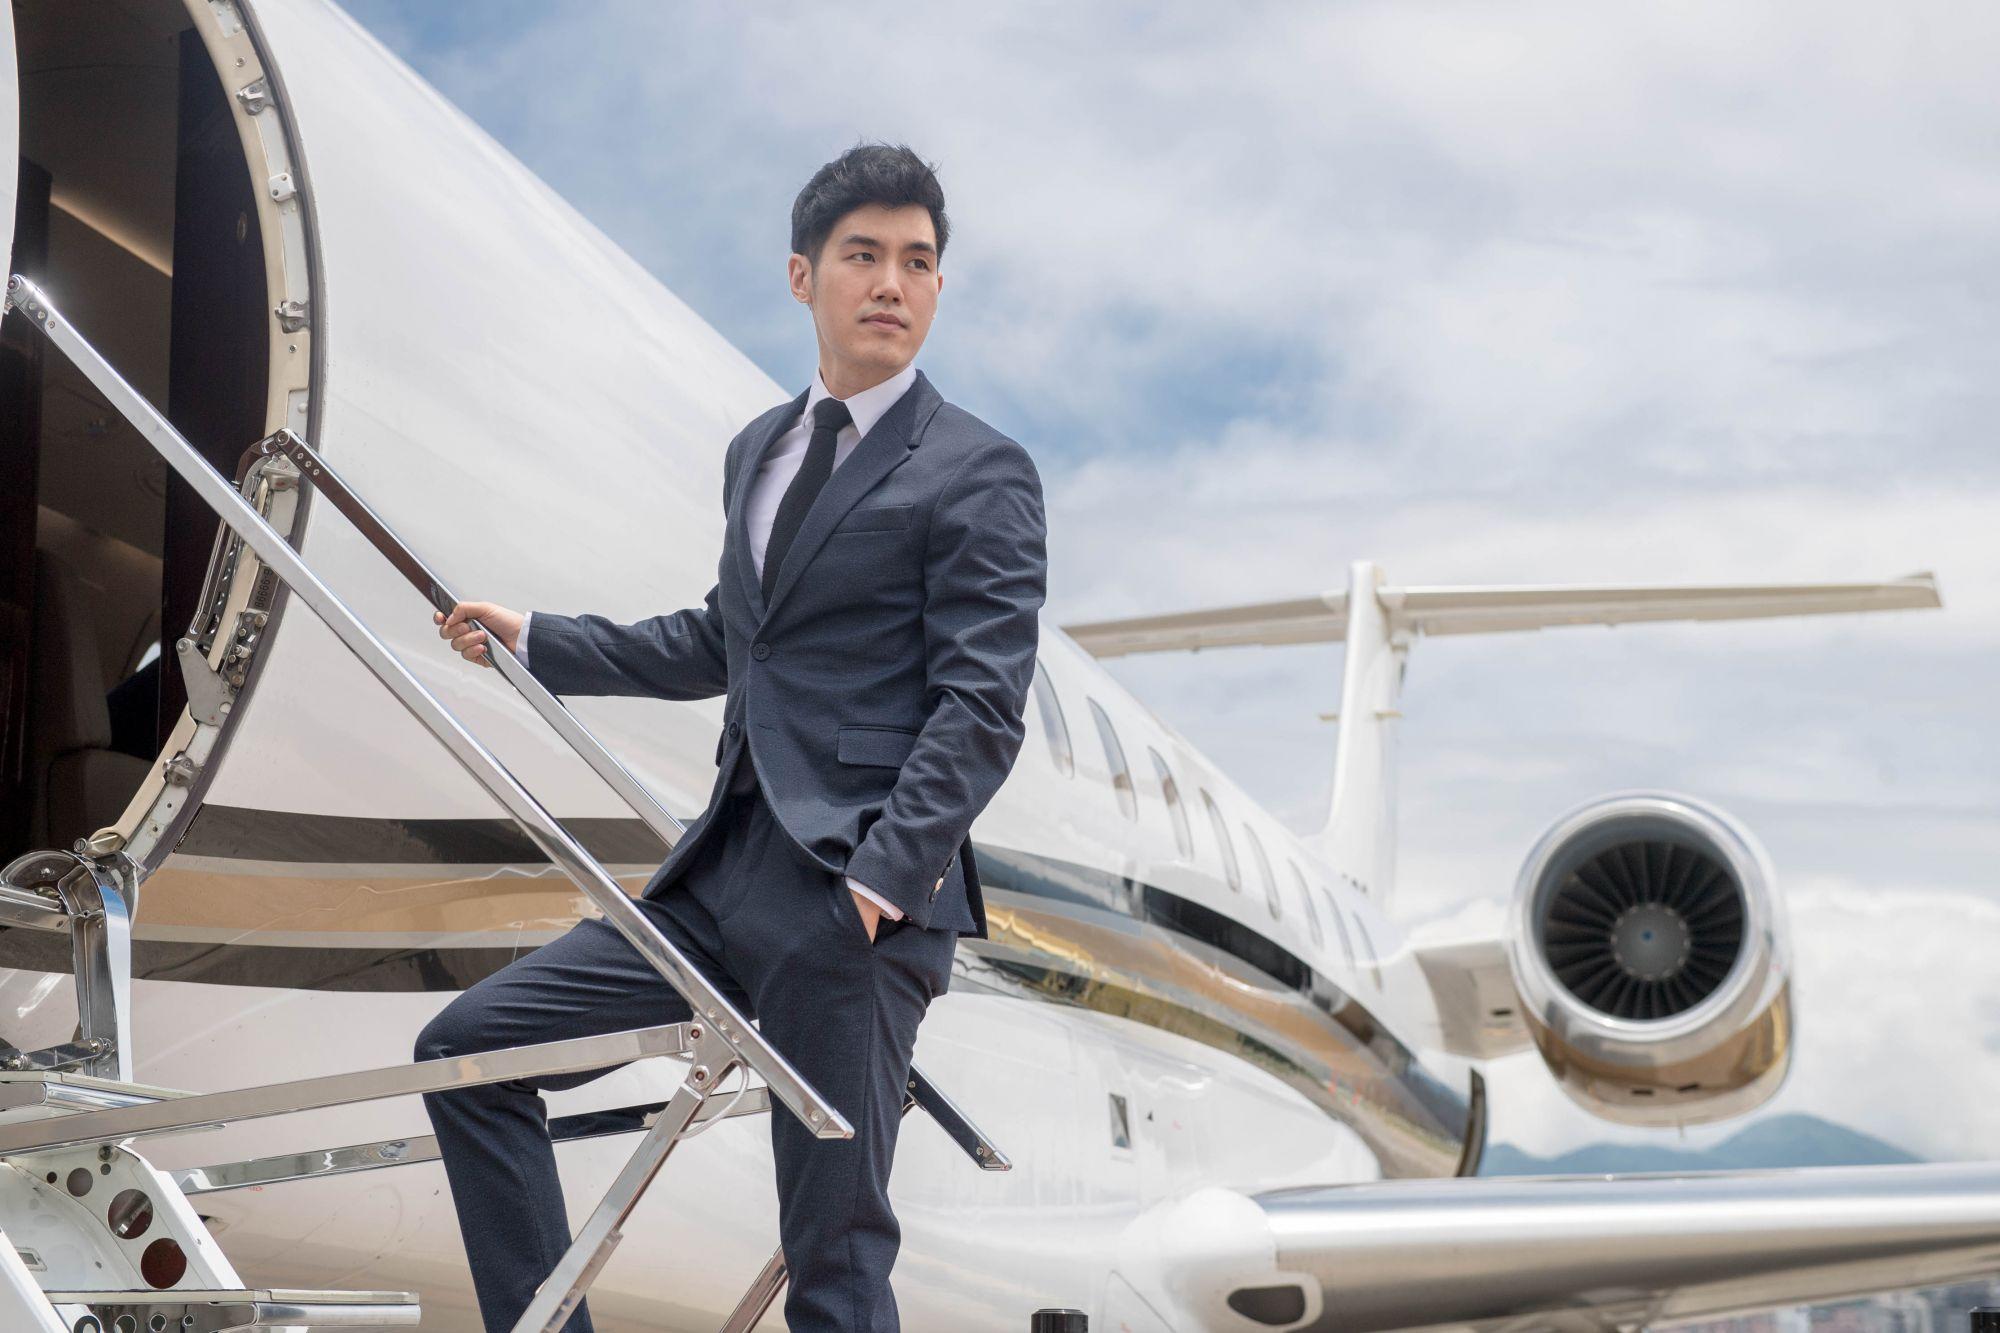 一趟極致享受的飛行體驗!樂夢旅行設計創辦人文業豪帶你搭乘私人飛機品味專屬假期